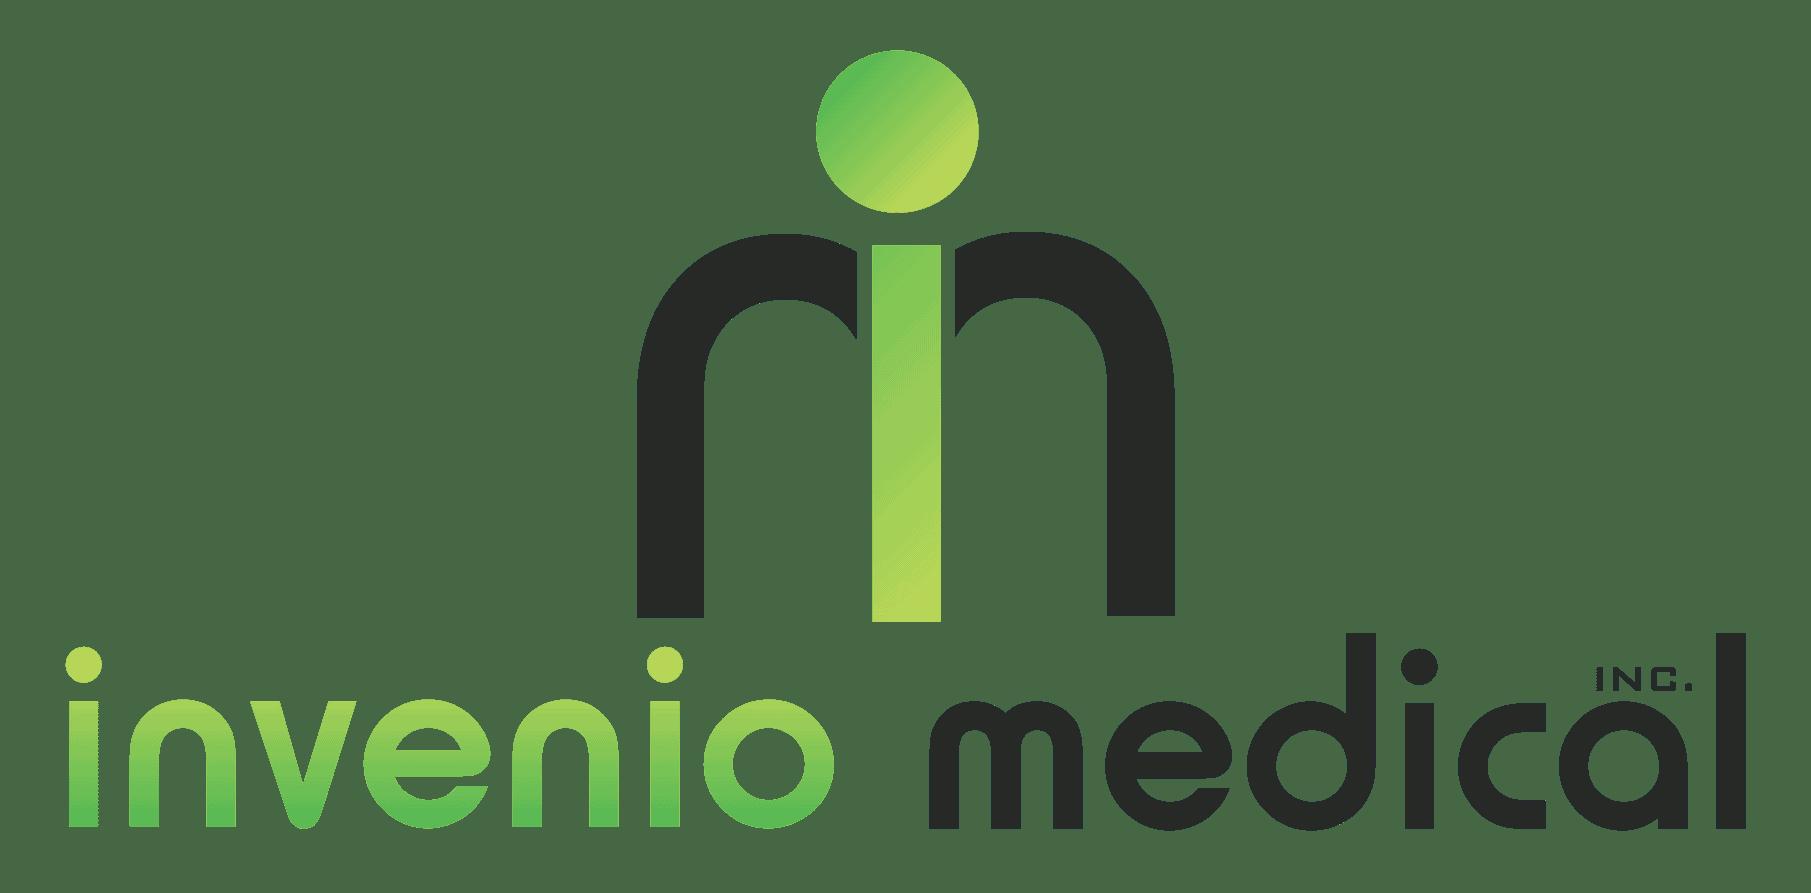 Invenio Medical